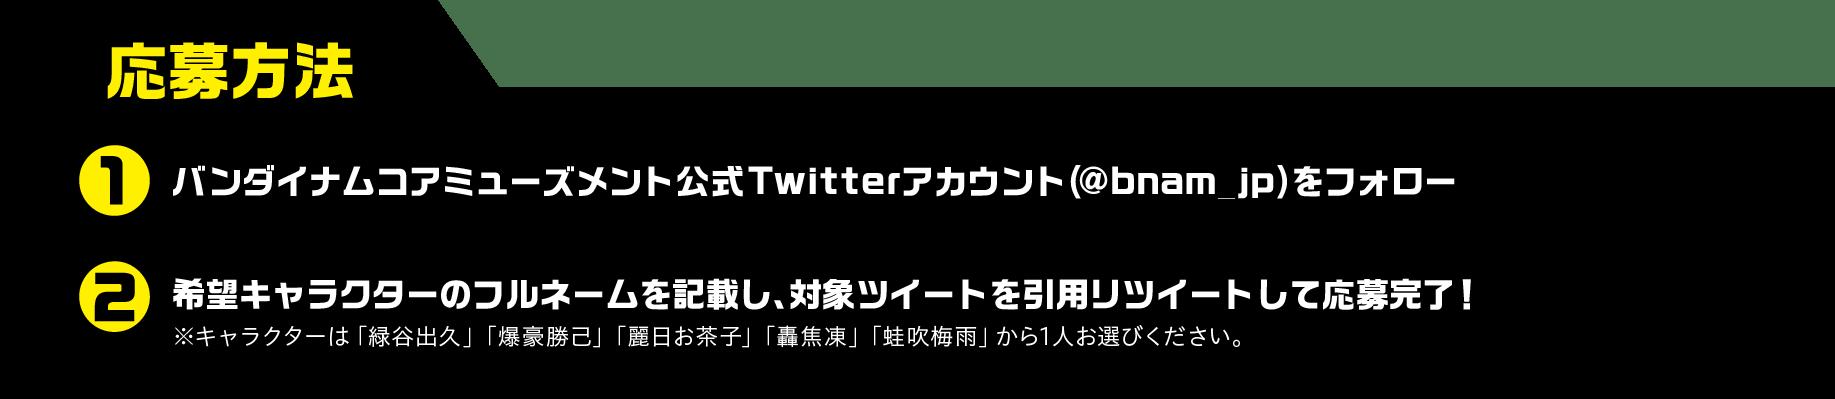 応募方法1「バンダイナムコアミューズメント公式Twitterアカウント(@bnam_jp)をフォロー2対象ツイートをリツイートで応募完了!3希望のキャラの名前をハッシュタグで追記して応募ください。